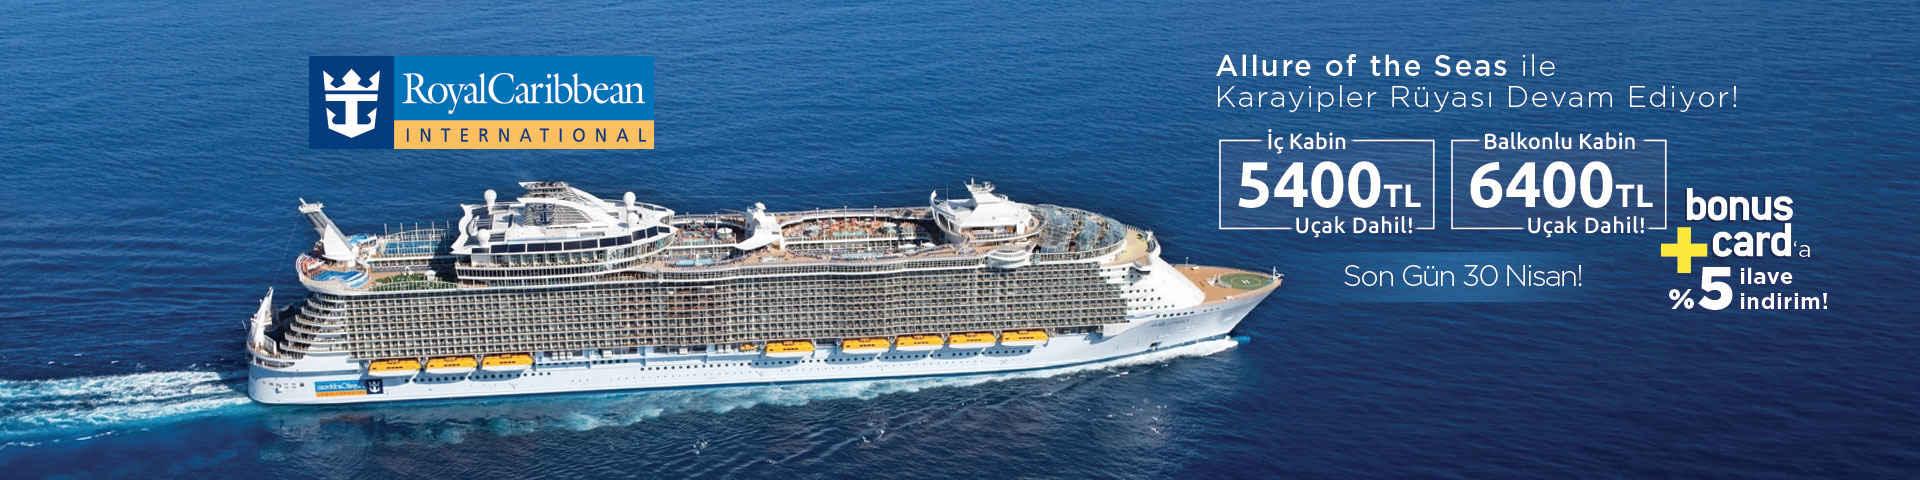 Allure Of The Seas İle Doğu Karayipler